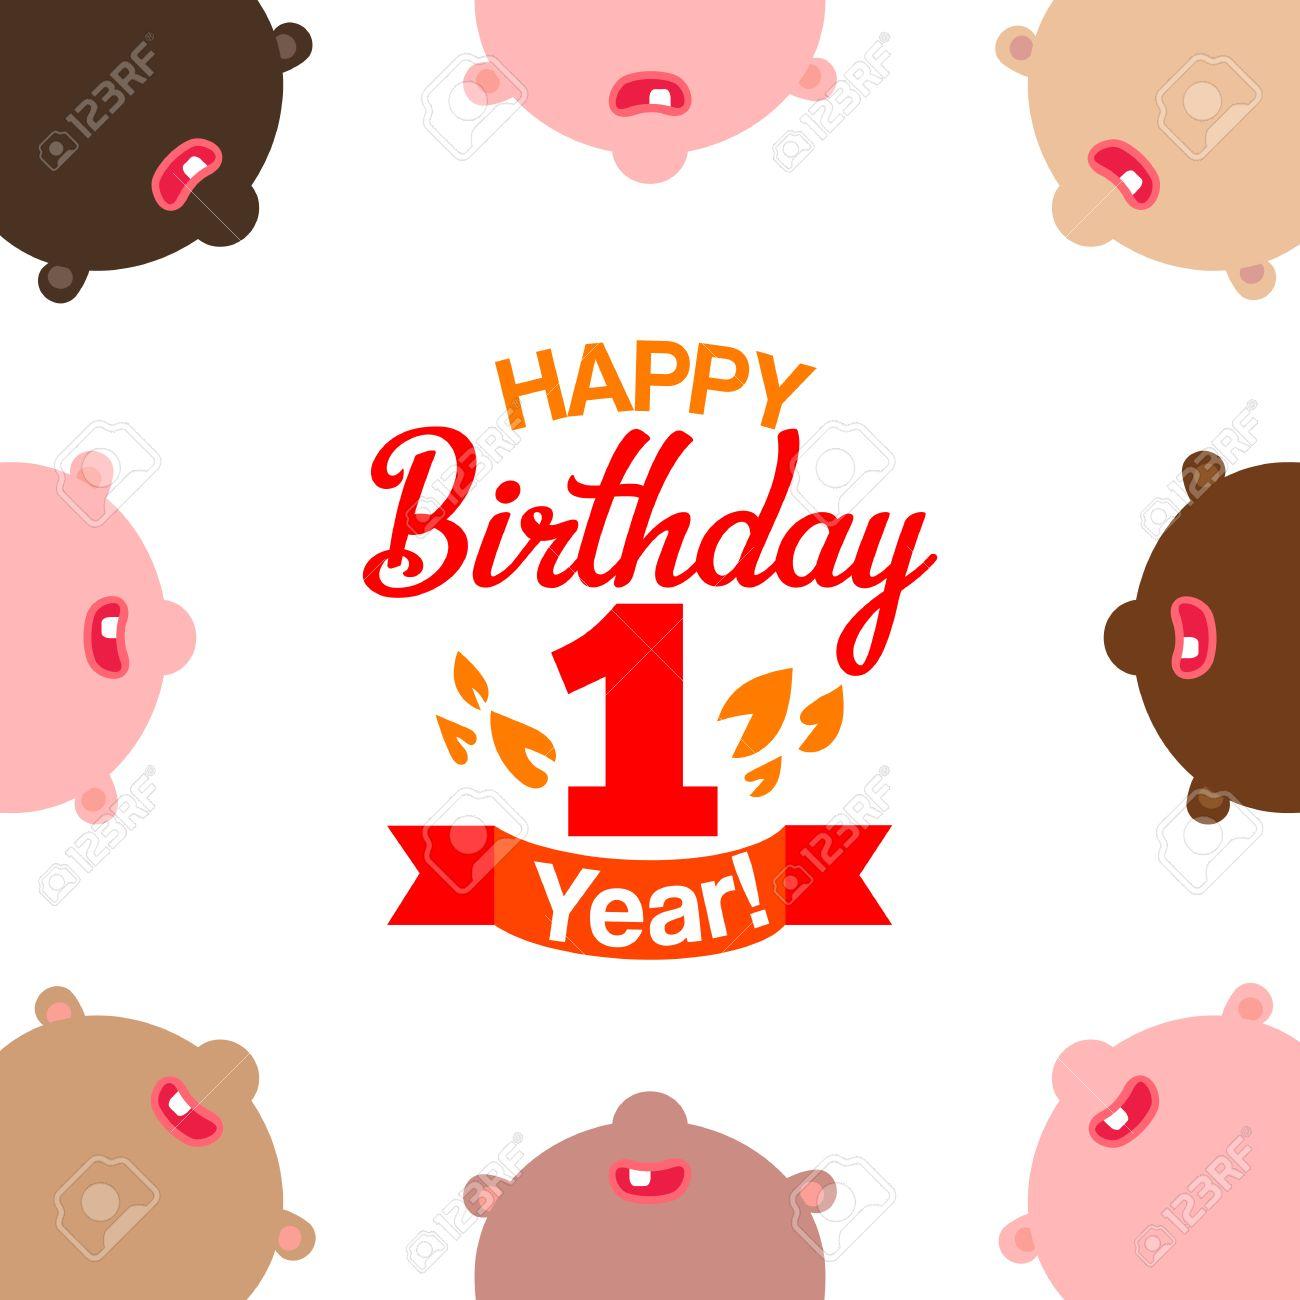 Erste Alles Gute Zum Geburtstag Grußkarte Mit Typografie Und Kinder ...